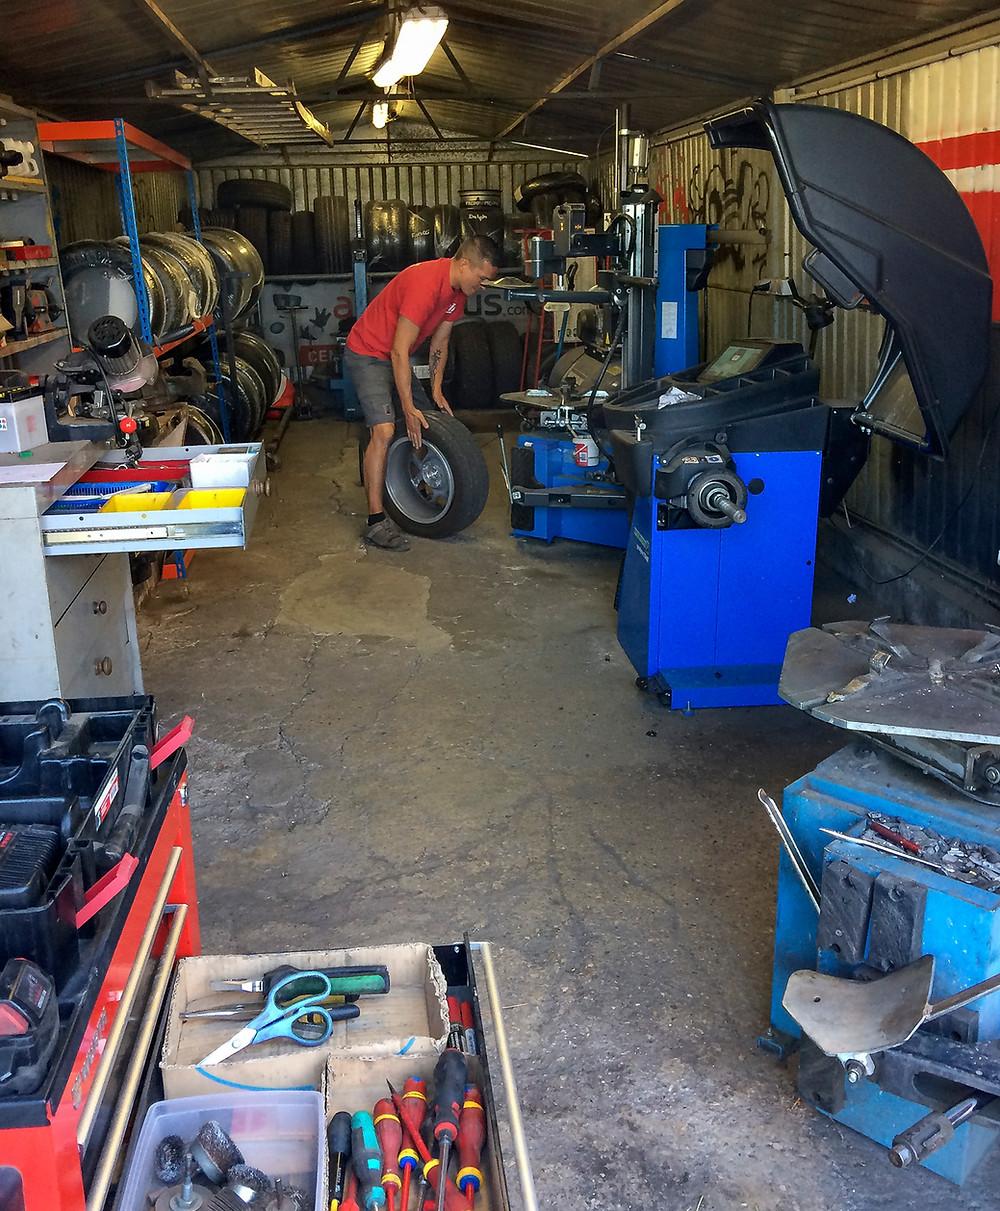 The repair underway